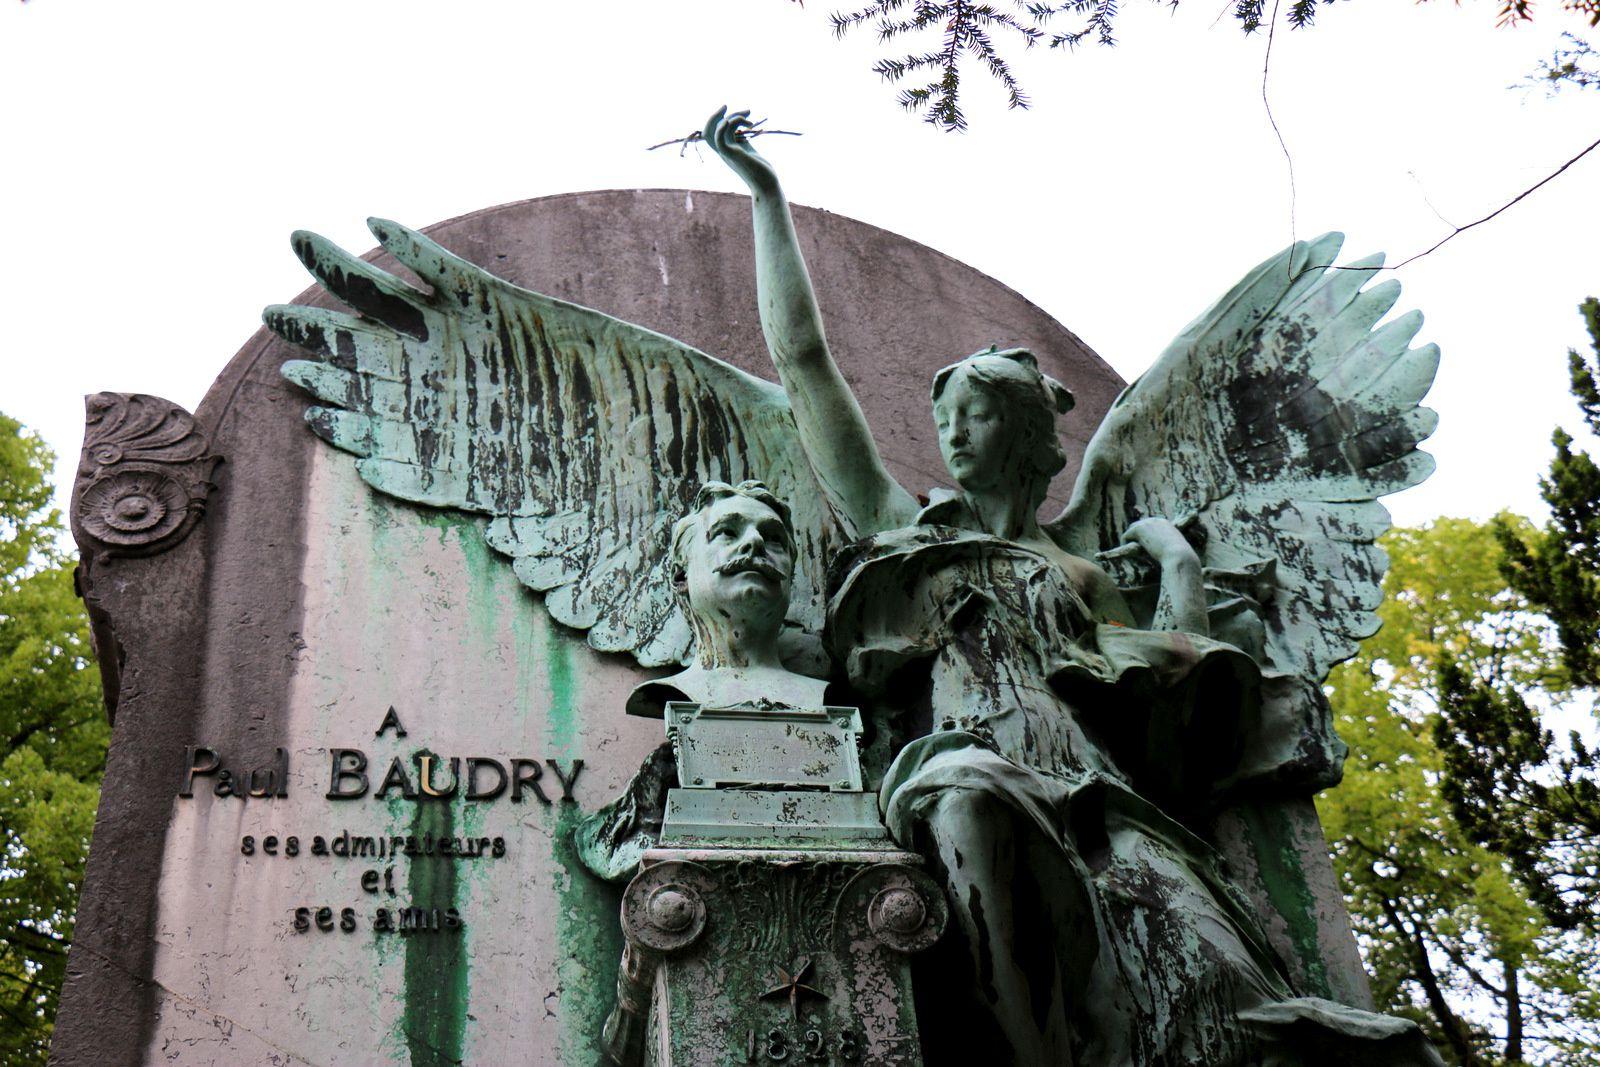 Paul Baudry, cimetière du Père Lachaise